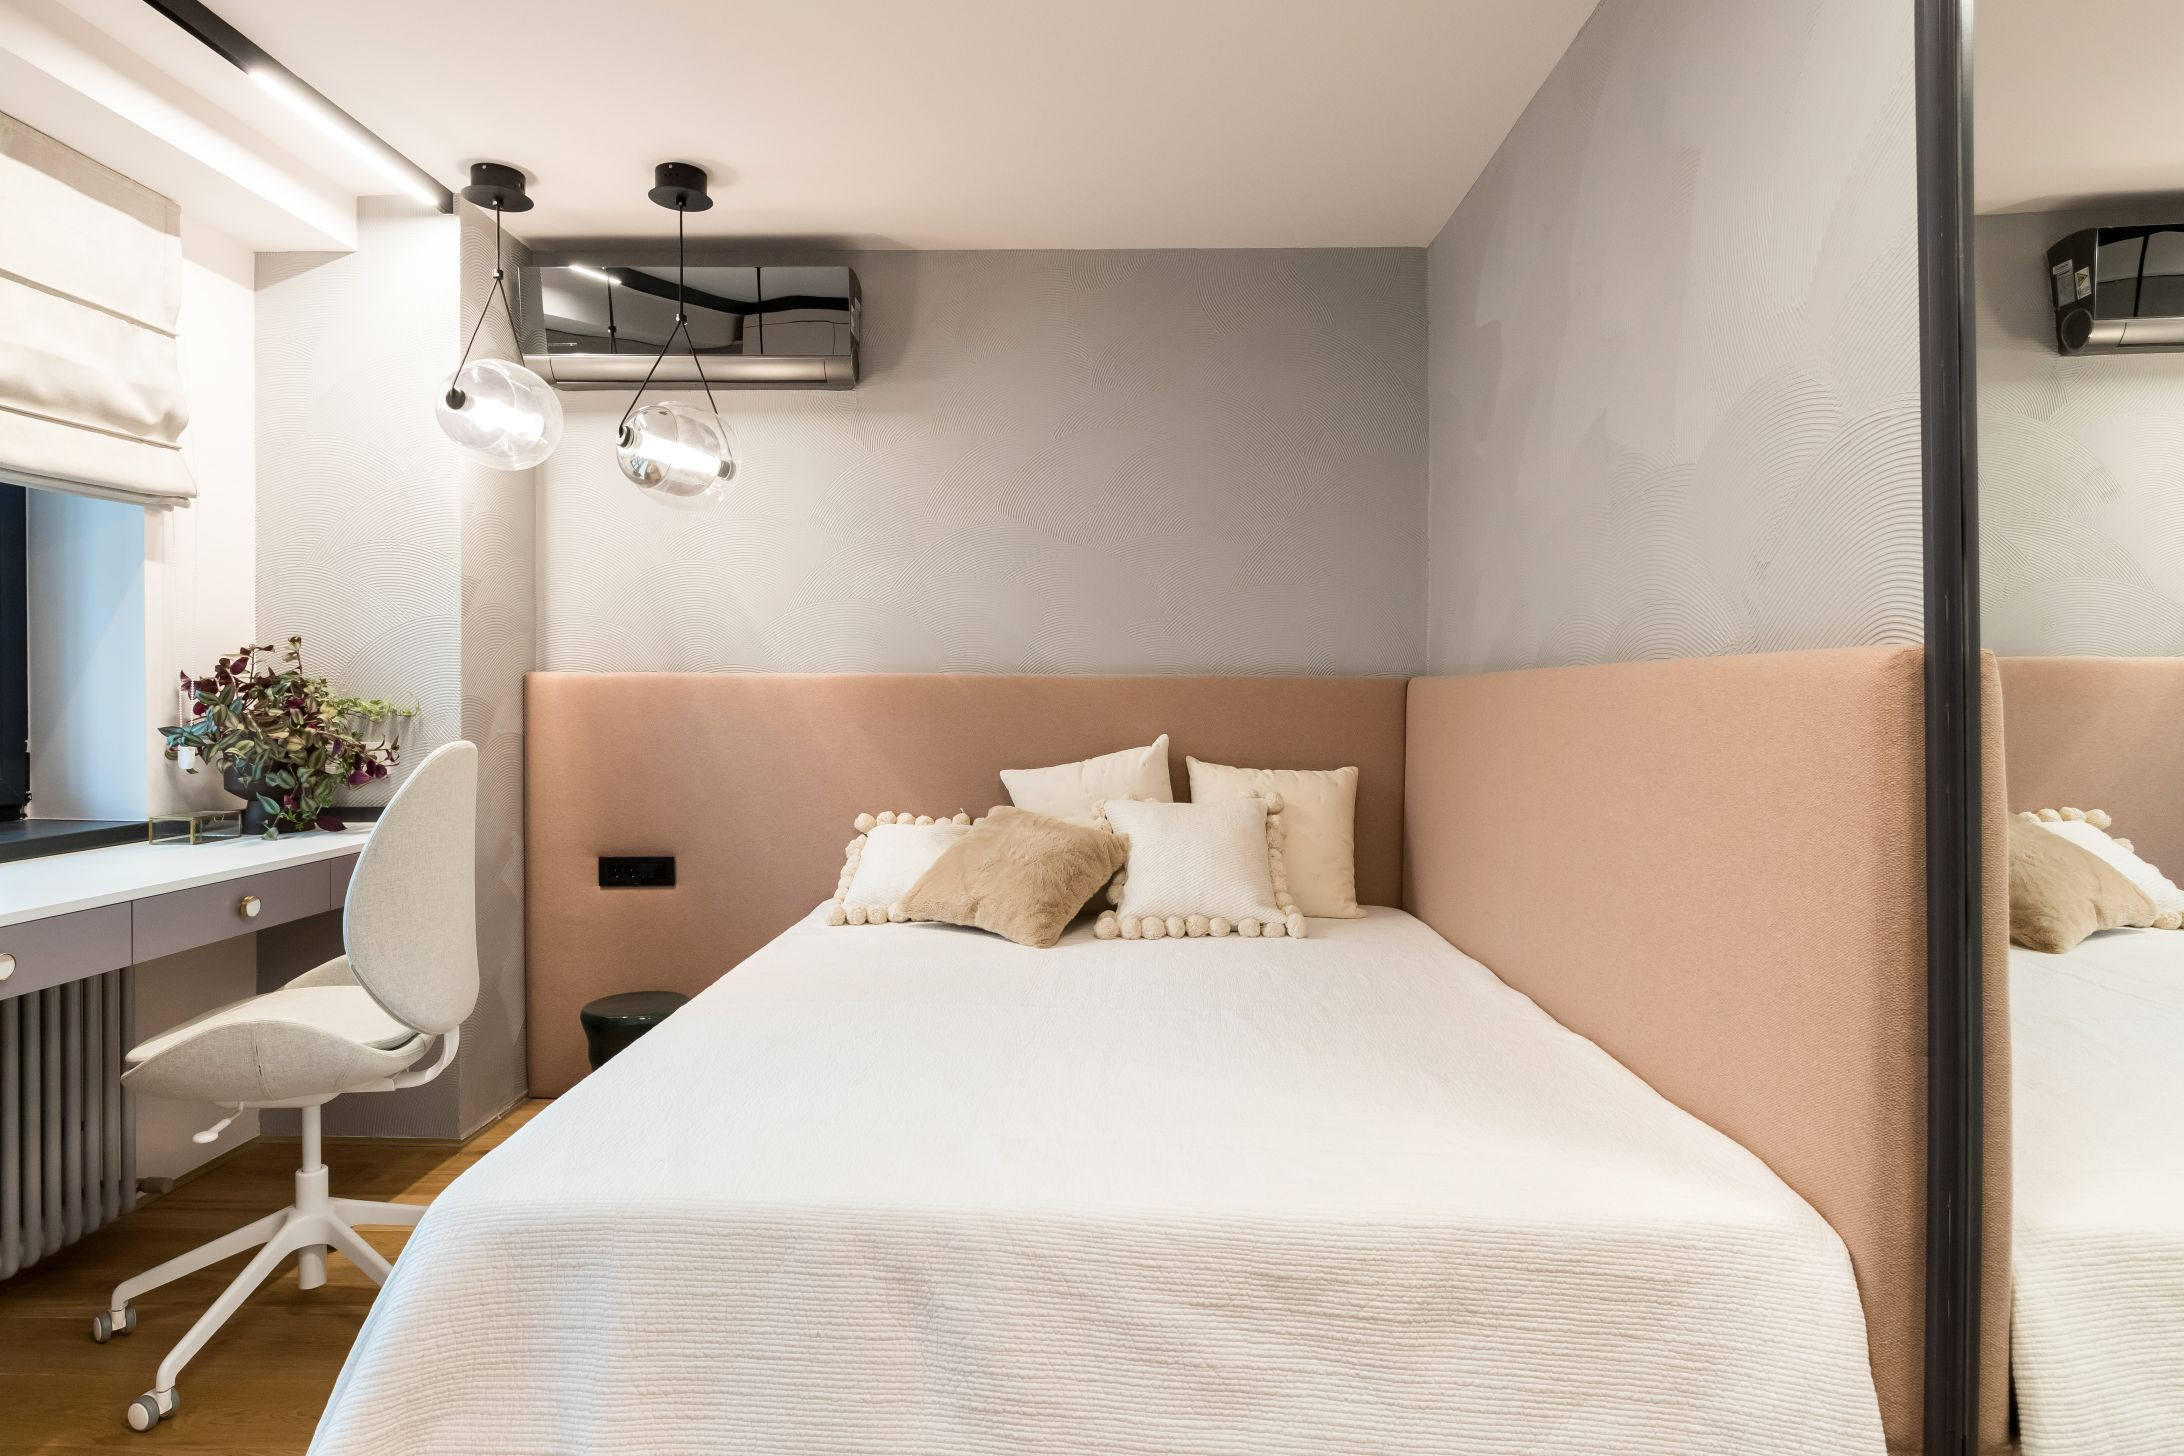 Dormitorul fetitei este simplu și discret, cu patul înconjurat pe două lături de o tăblie tapițată și o textura jucăușă de vopsea decorativă pe perete